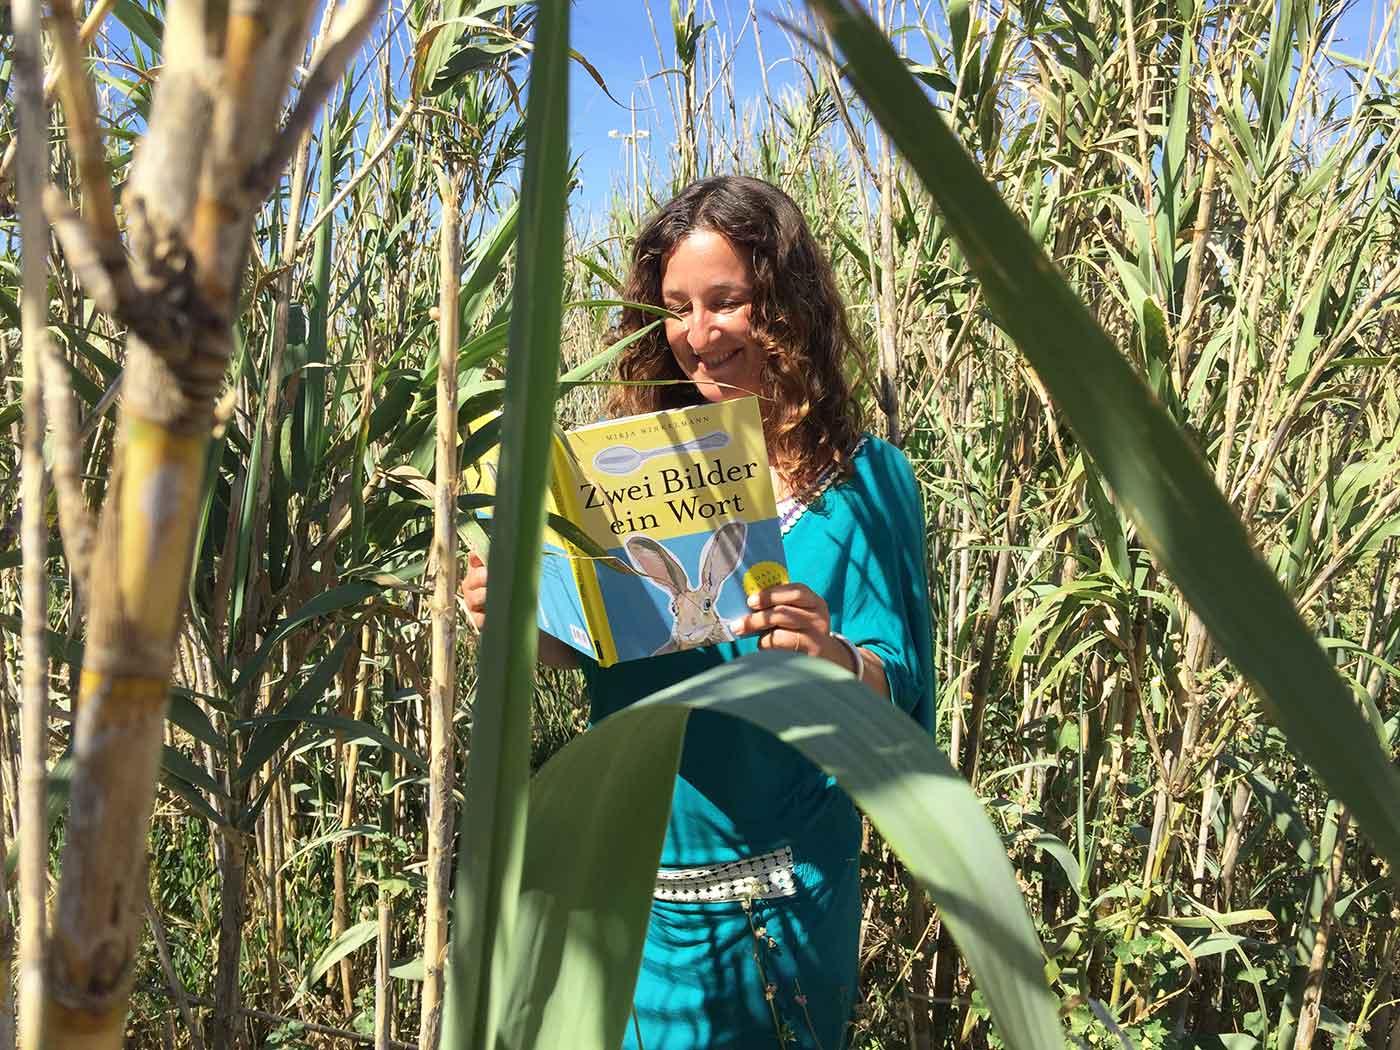 Mirja Winkelmann mit ihrem Teekesselchenbuch Zwei Bilder ein Wort